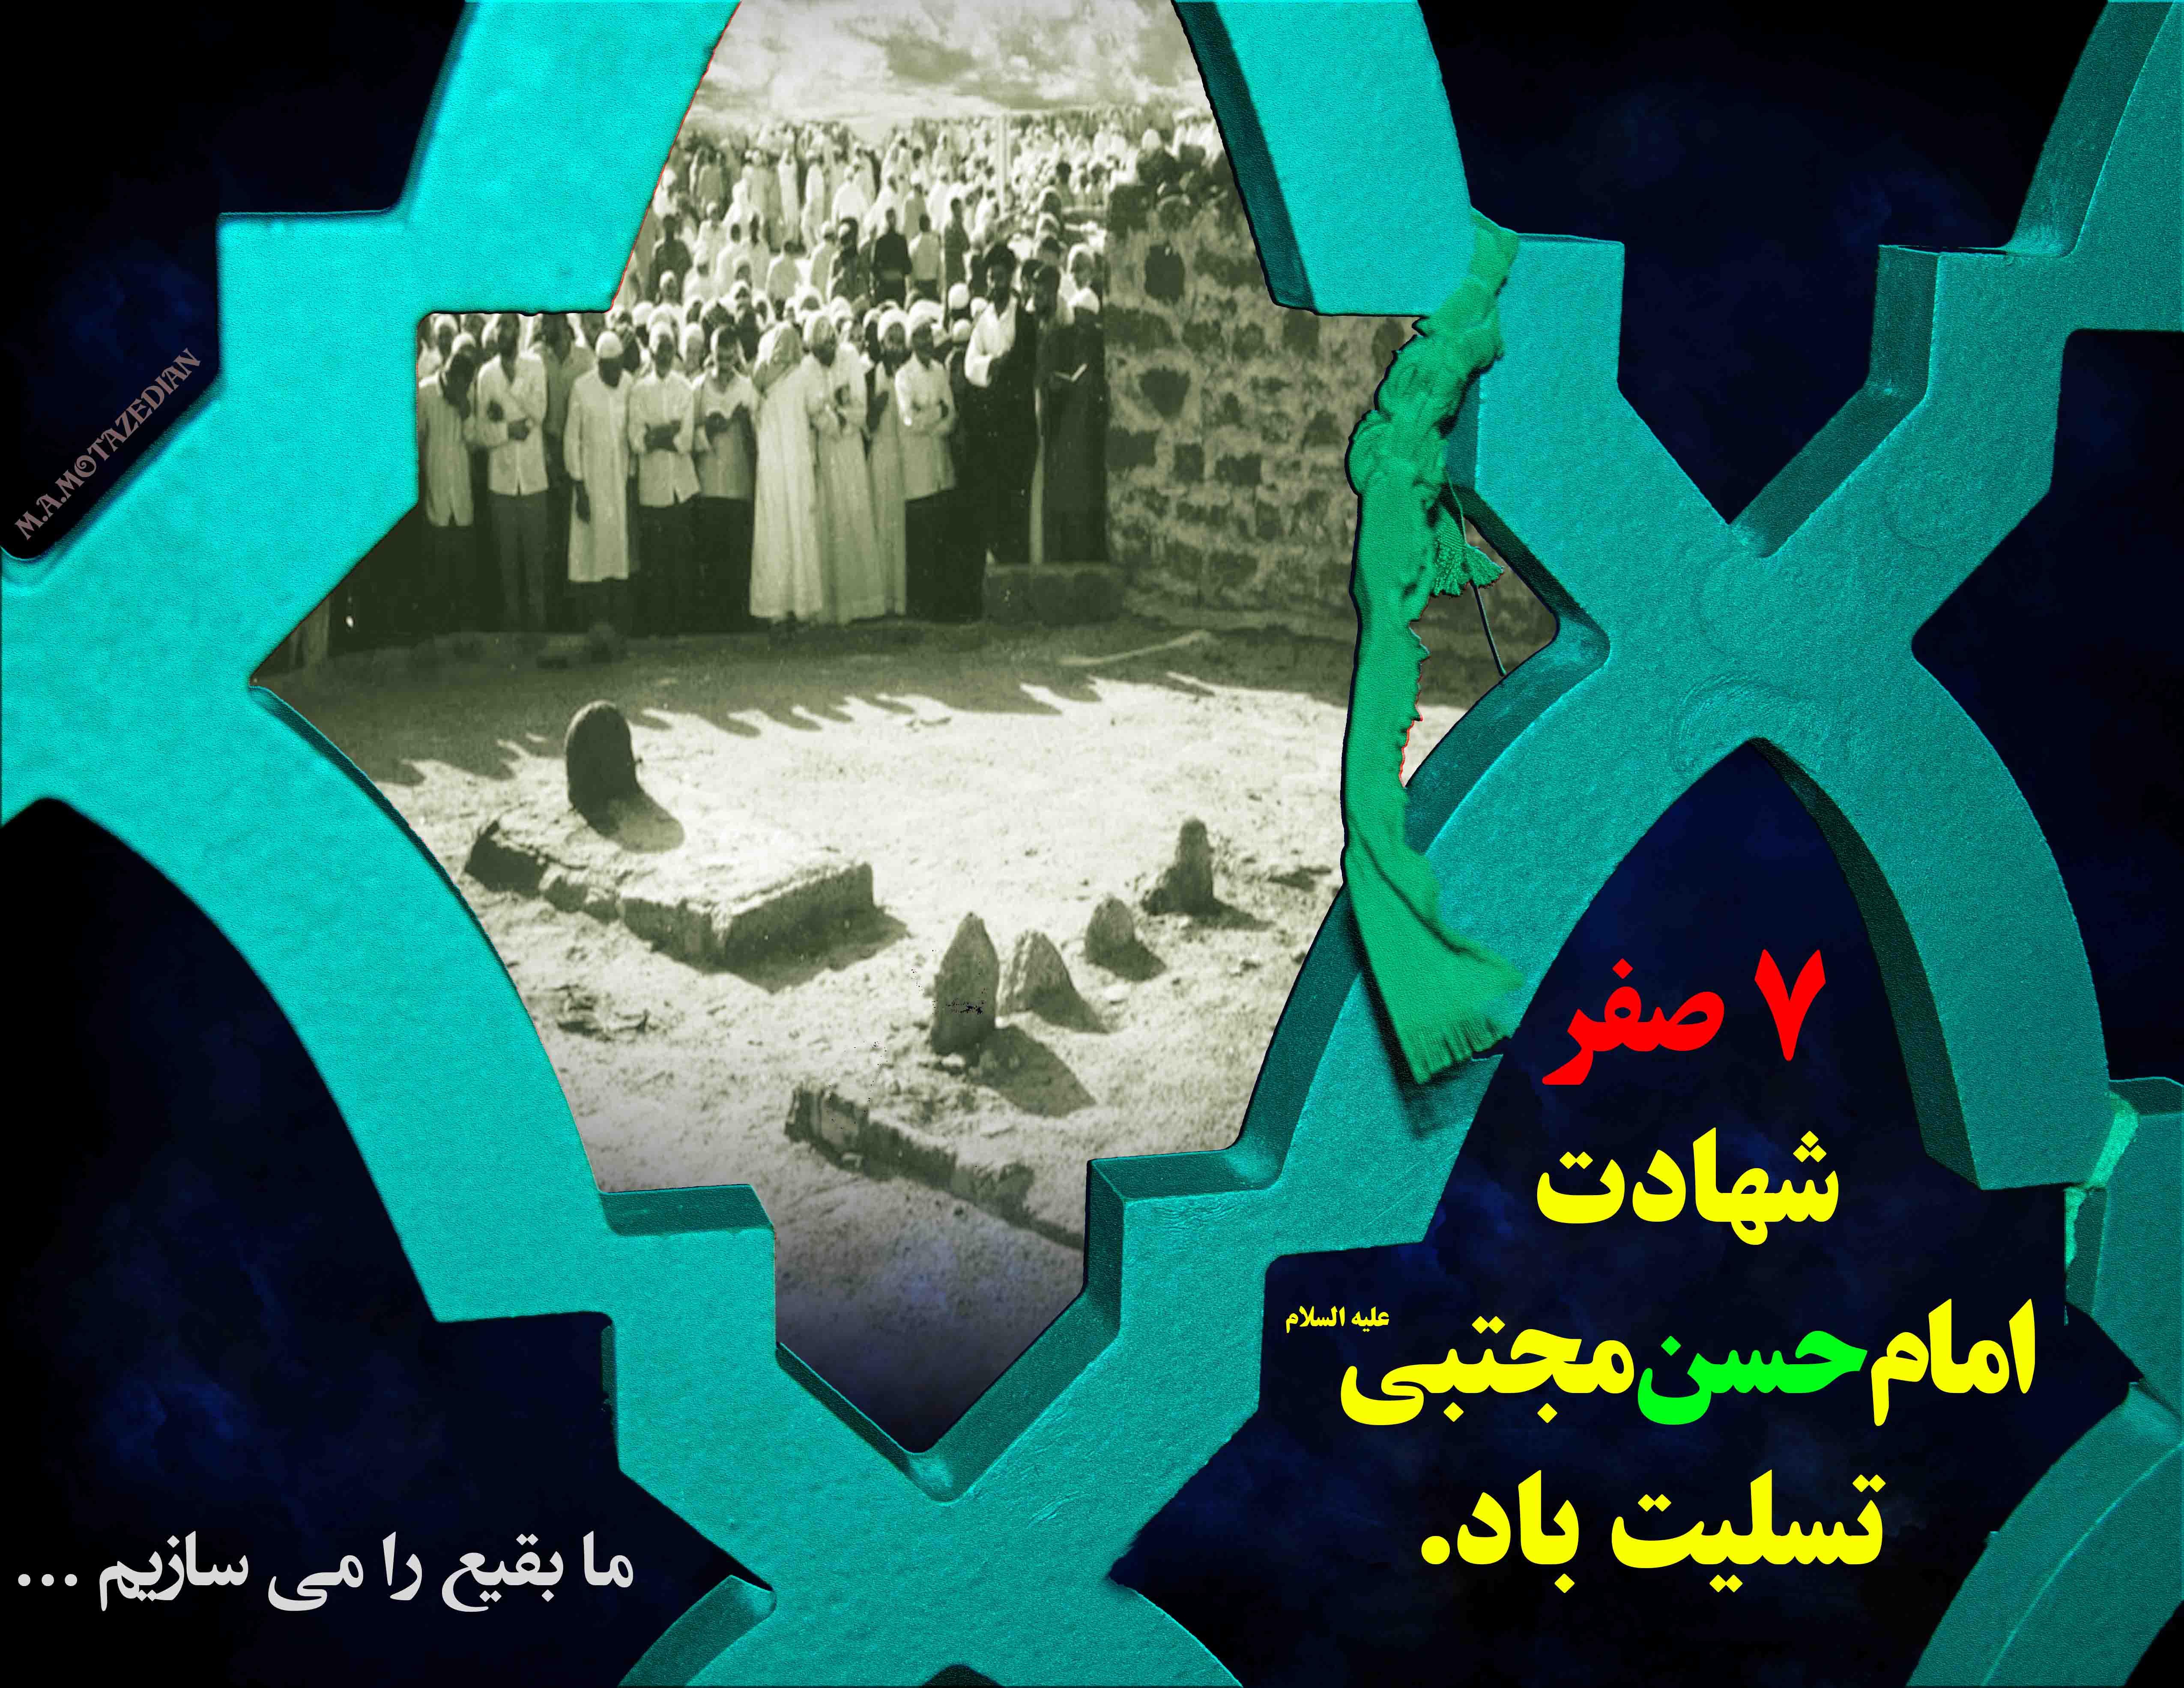 هفت صفر امام حسن